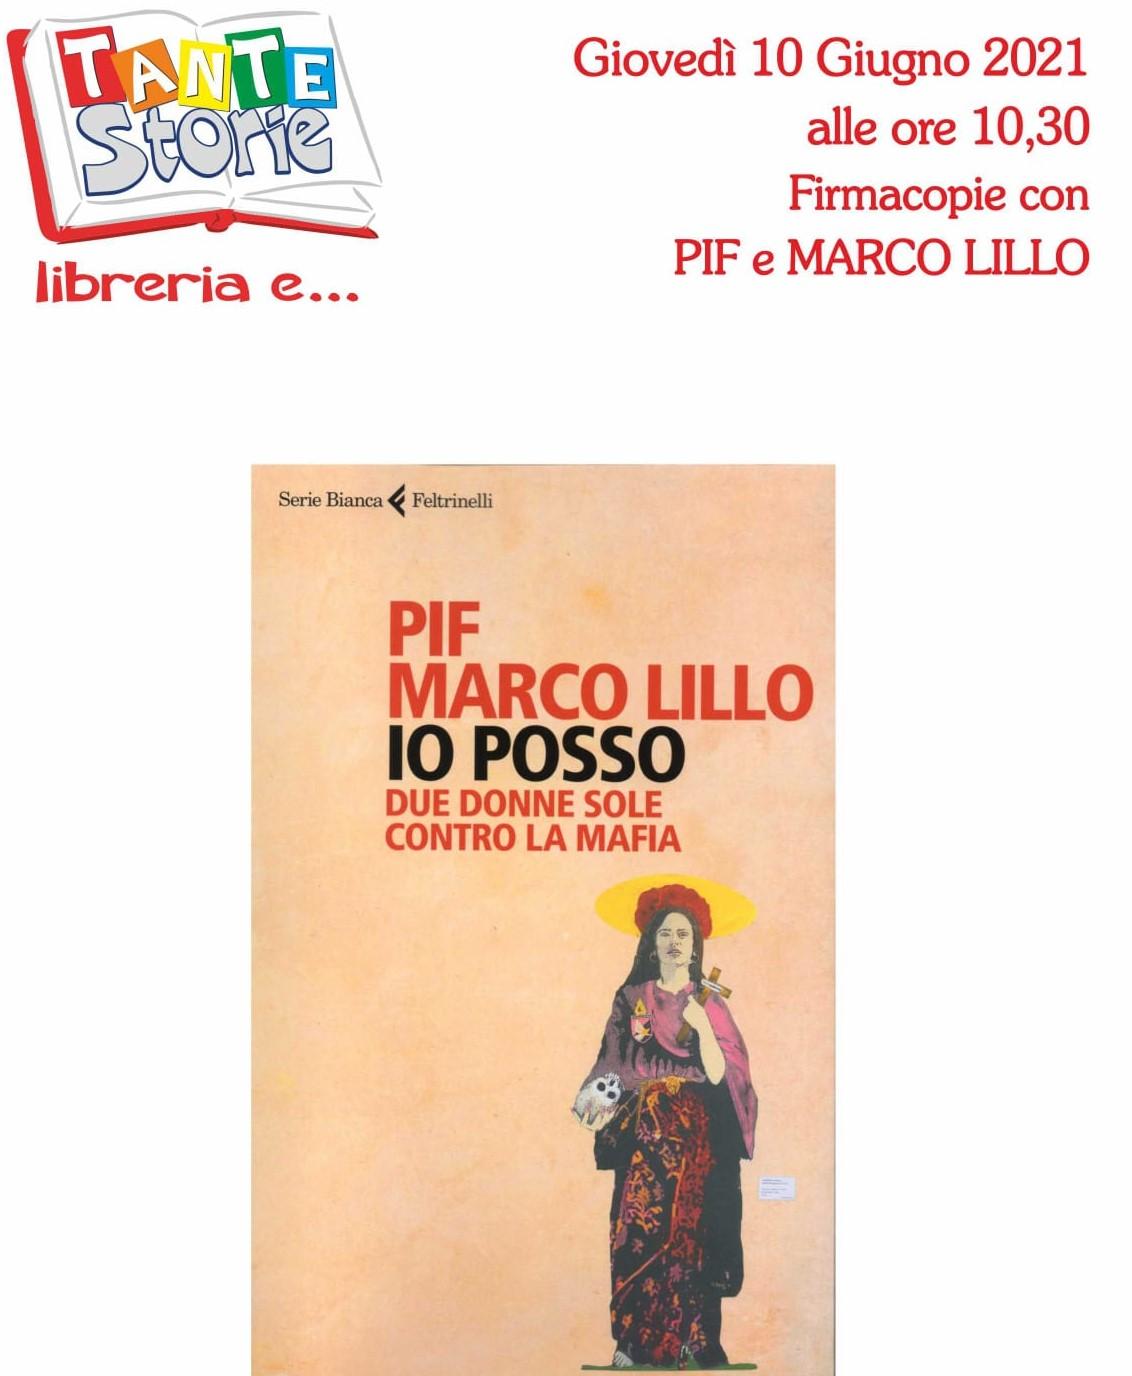 """Palermo,il romanzo """"Io posso"""": firmacopie con Pif e Marco Lillo alla Libreria Tante Storie"""